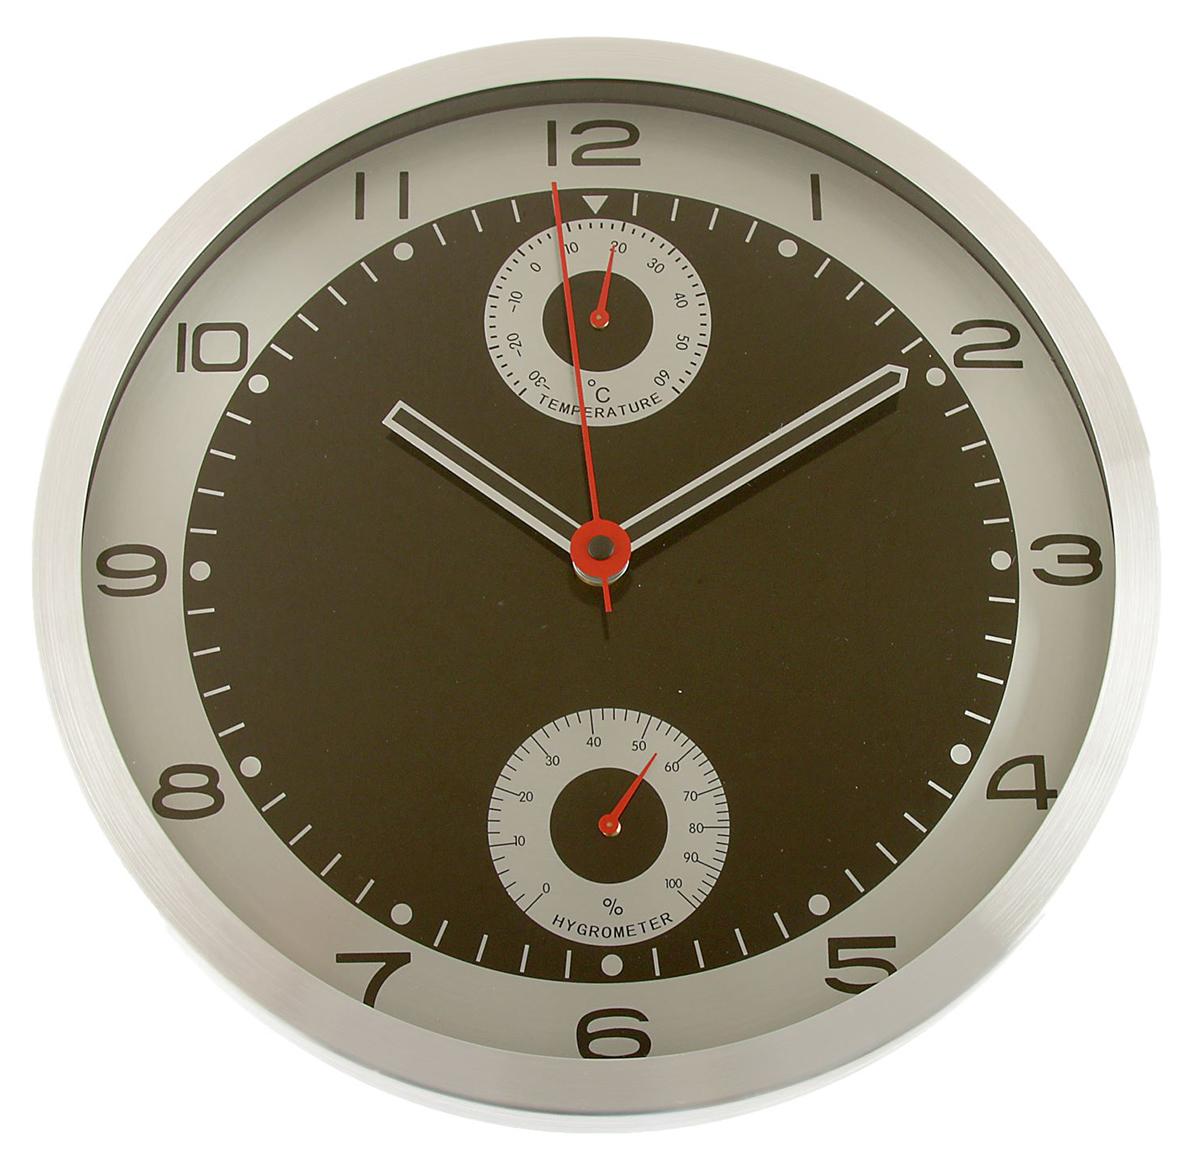 Часы настенные с термометром и гигрометром, цвет: хром, черный, диаметр 33 см2578131Каждому хозяину периодически приходит мысль обновить свою квартиру, сделать ремонт, перестановку или кардинально поменять внешний вид каждой комнаты. — привлекательная деталь, которая поможет воплотить вашу интерьерную идею, создать неповторимую атмосферу в вашем доме. Окружите себя приятными мелочами, пусть они радуют глаз и дарят гармонию.Часы настенные круг, рама хром, циферблат черный, гигрометр, термомерт d=33см 2578131